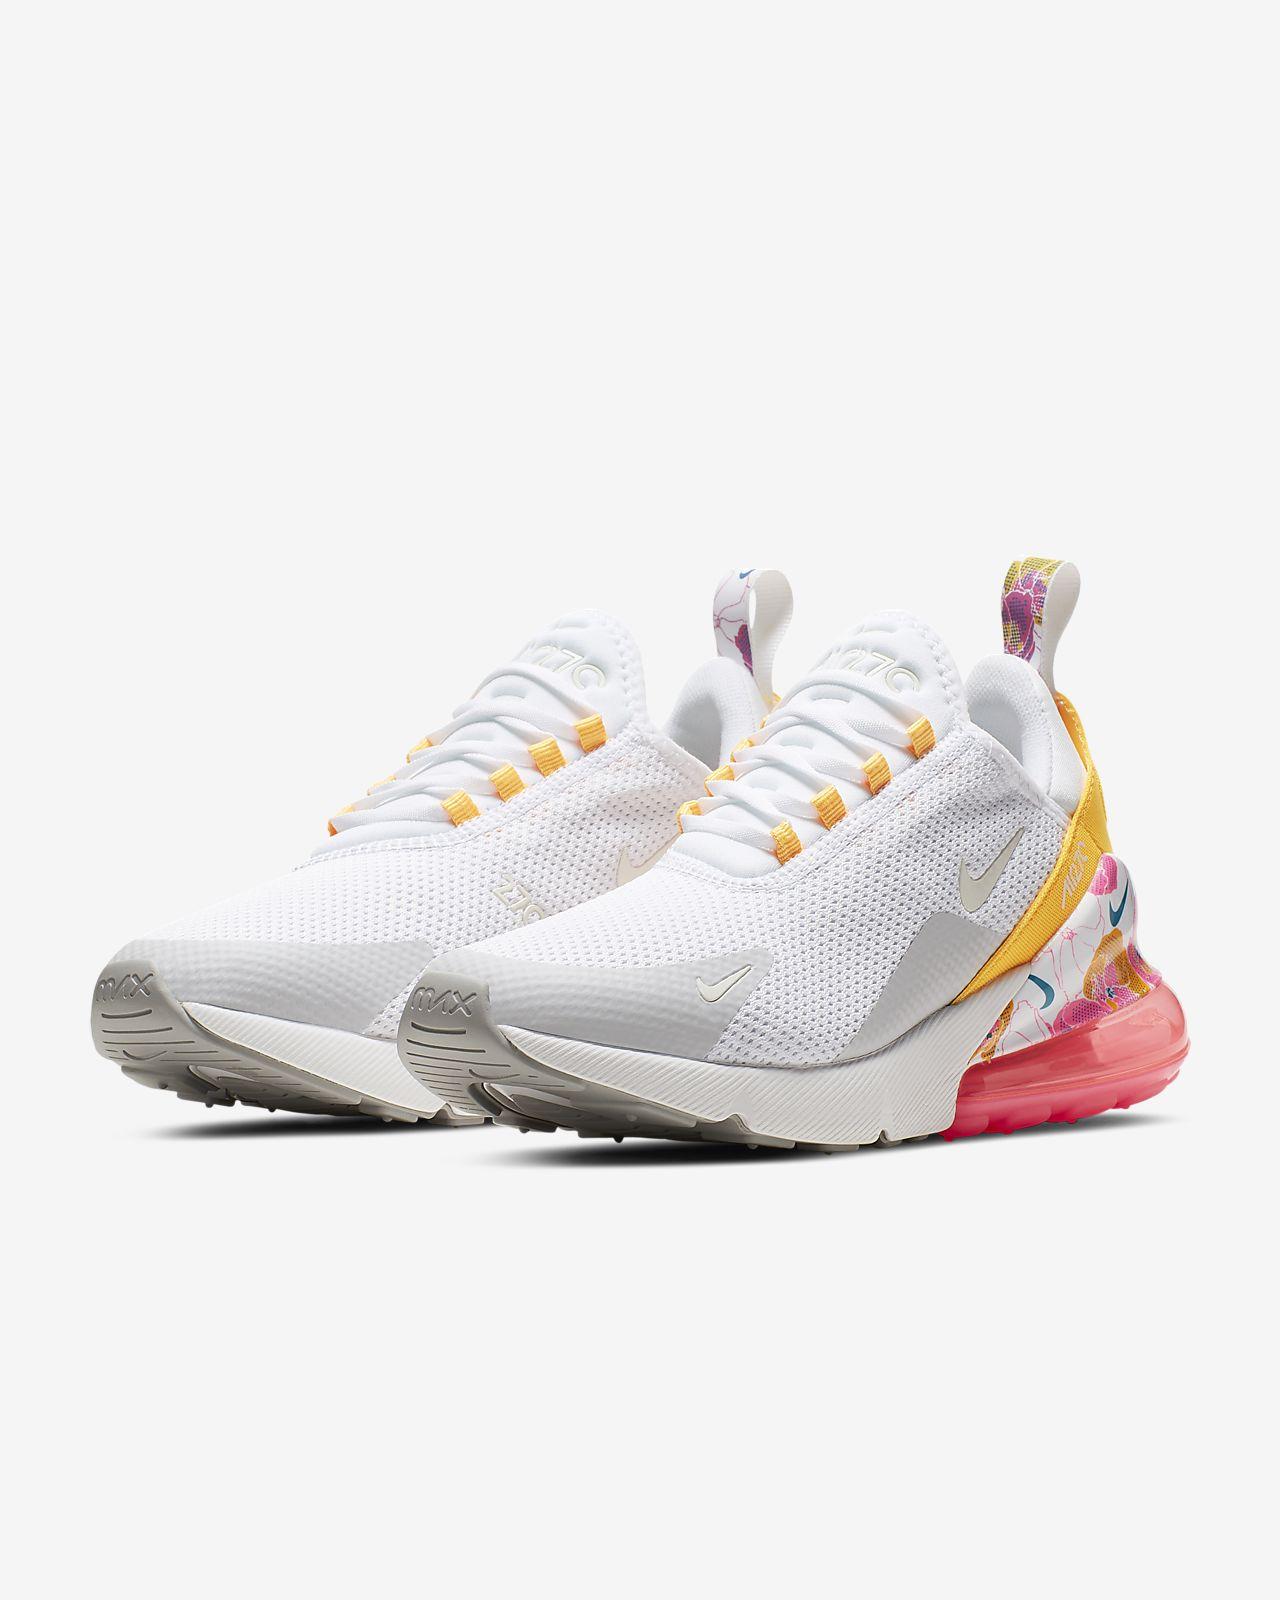 6f11388f9d03 Nike Air Max 270 SE Floral-sko til kvinder. Nike.com DK